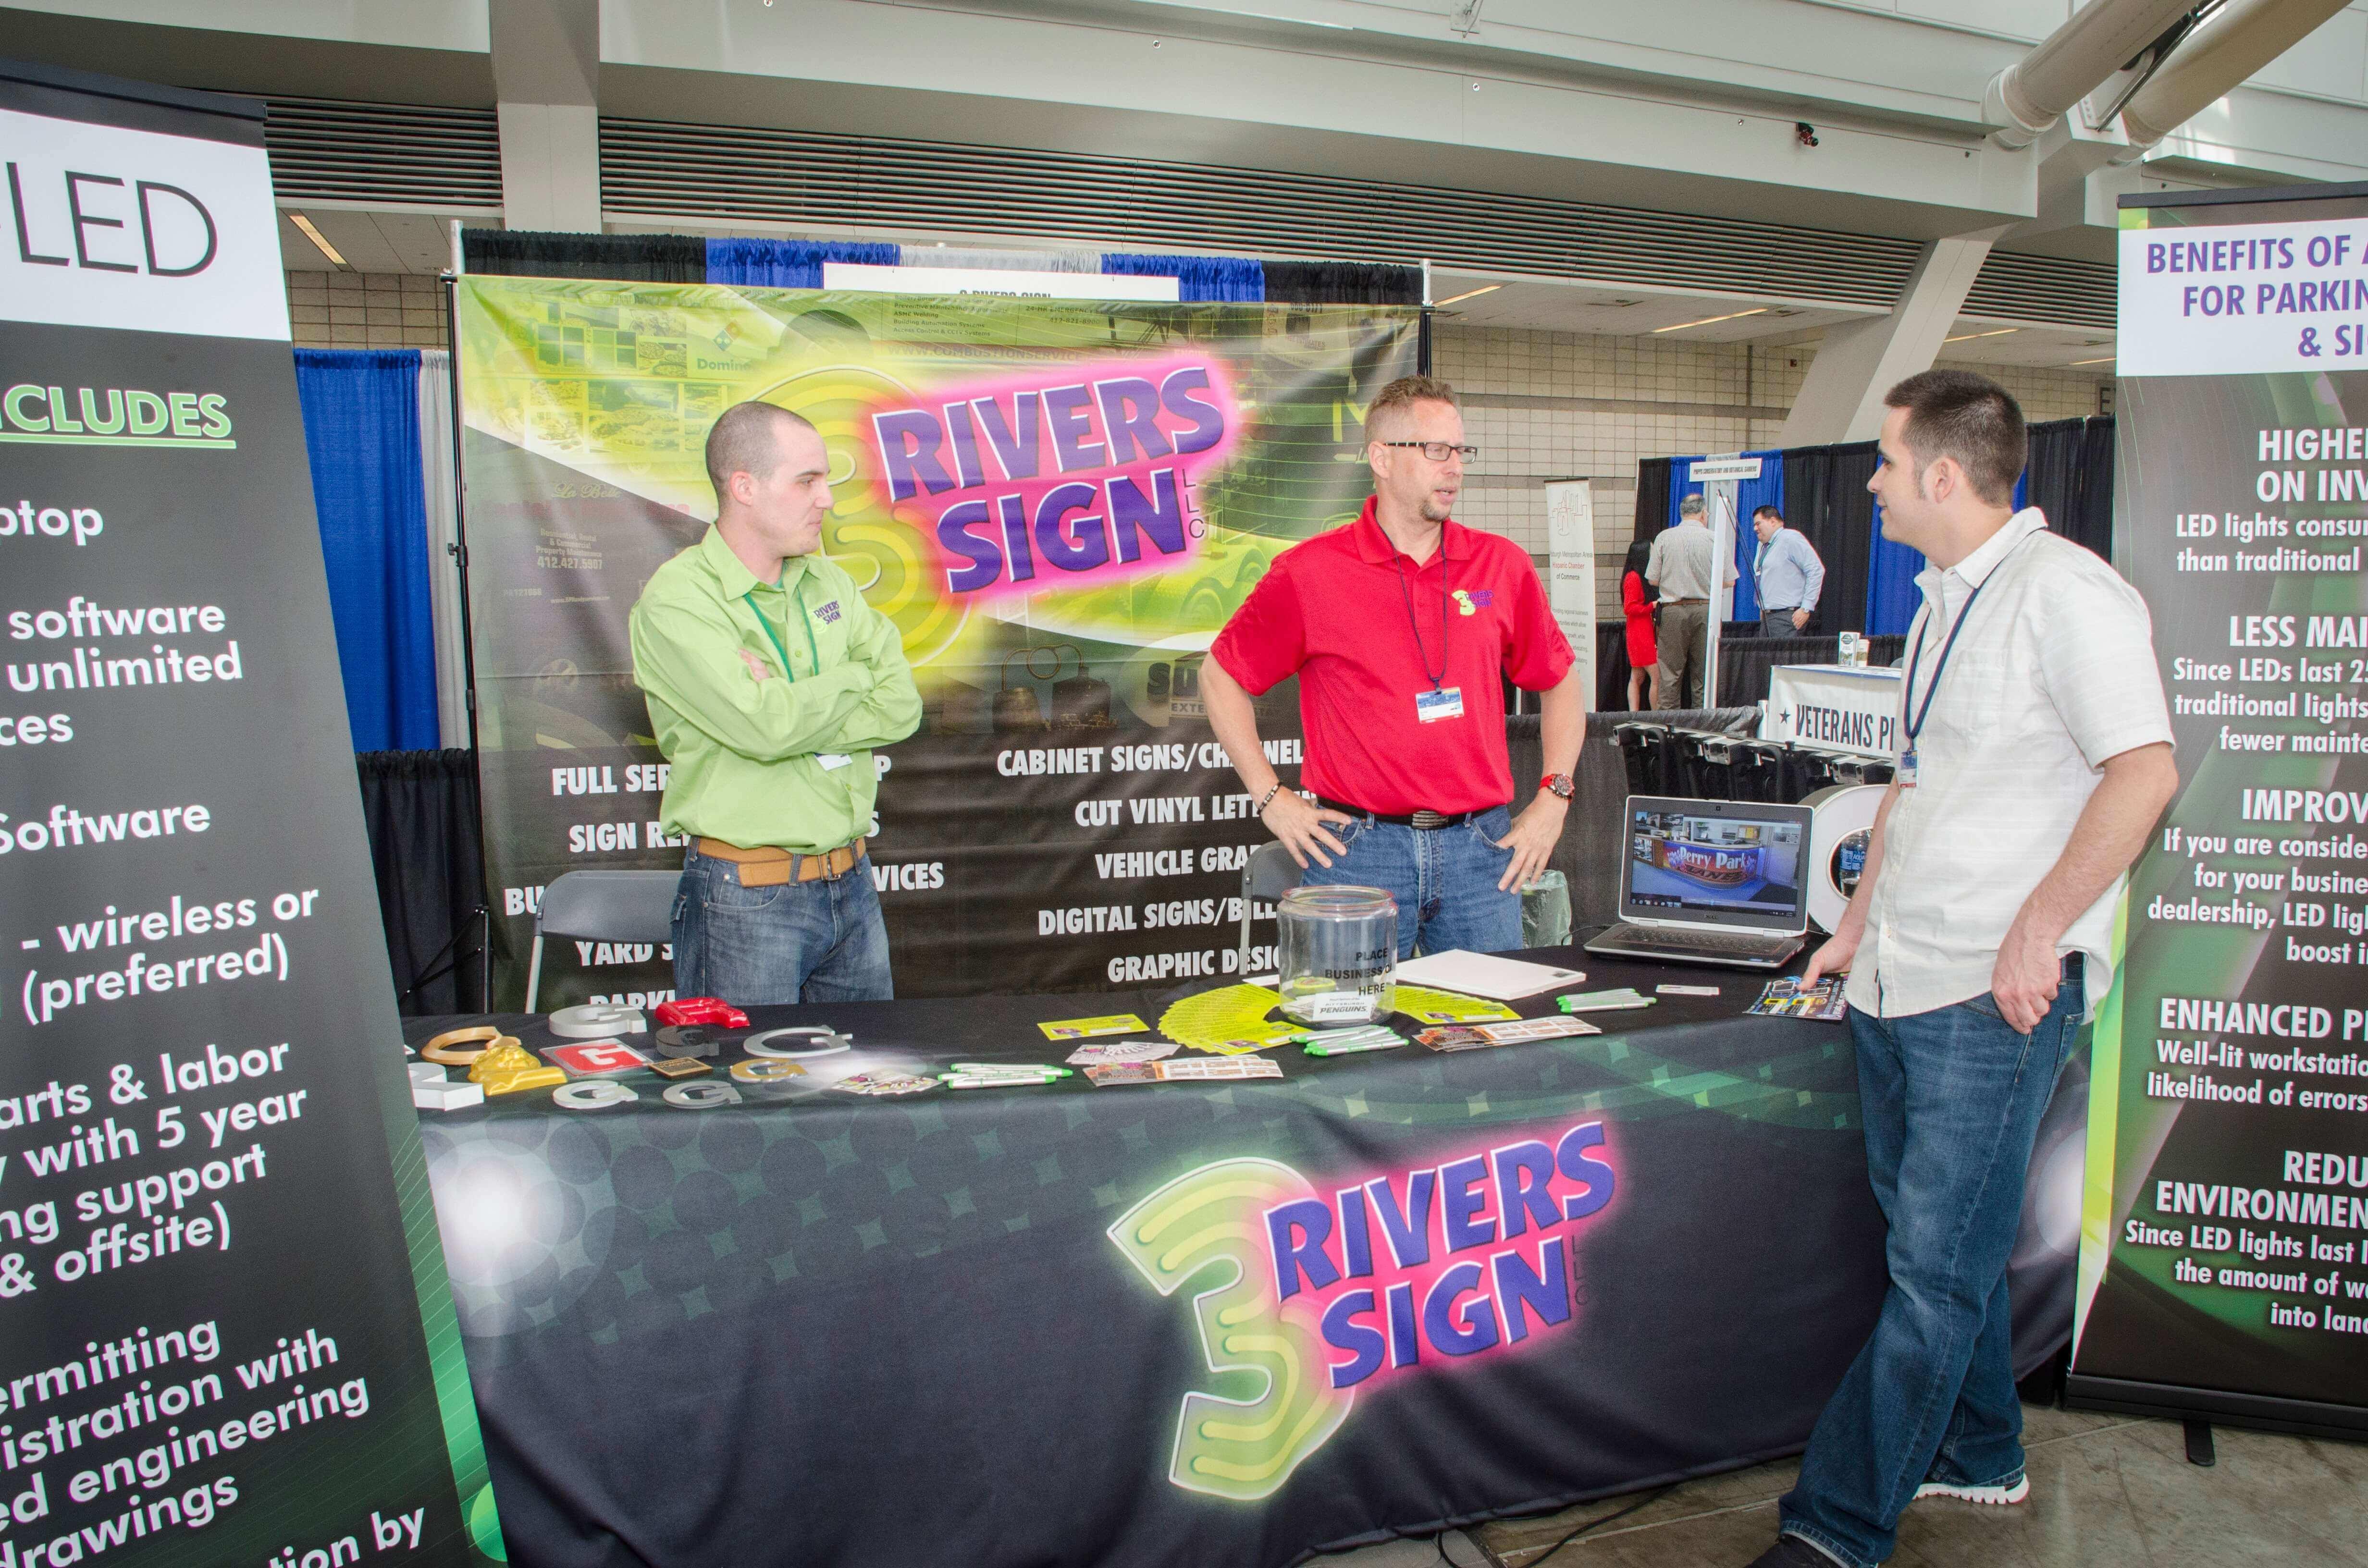 3 Rivers Sign LLC